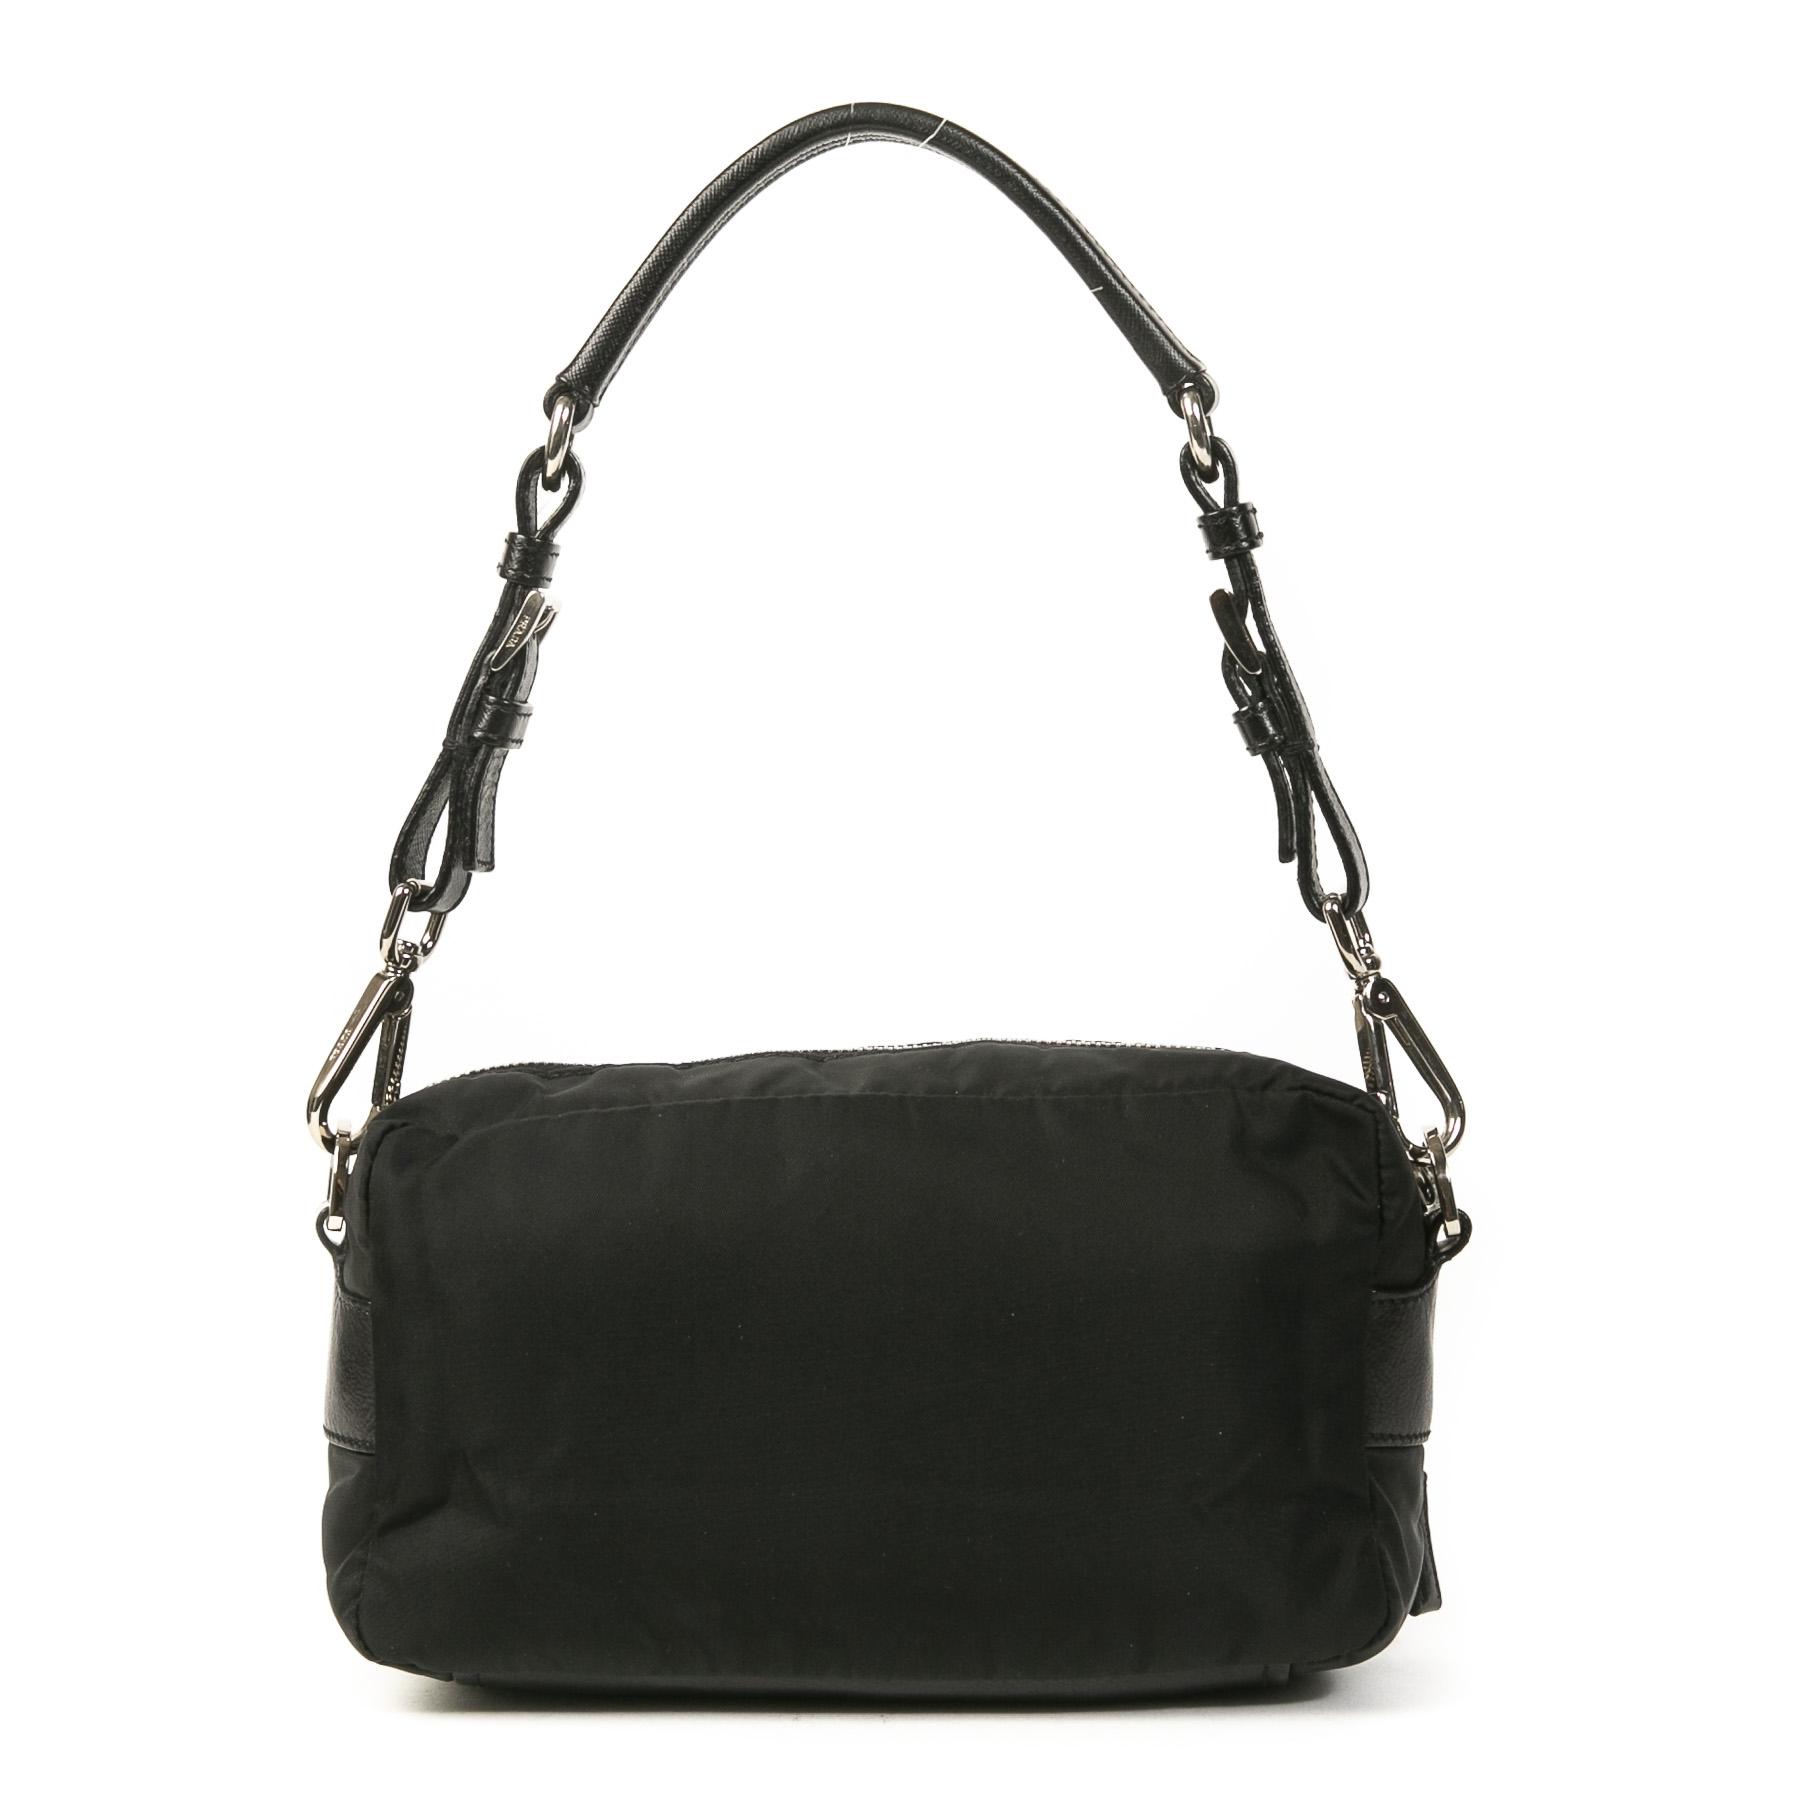 Authentieke Tweedehands Prada Black Nylon Shoulder Bag Small juiste prijs veilig online shoppen luxe merken webshop winkelen Antwerpen België mode fashion